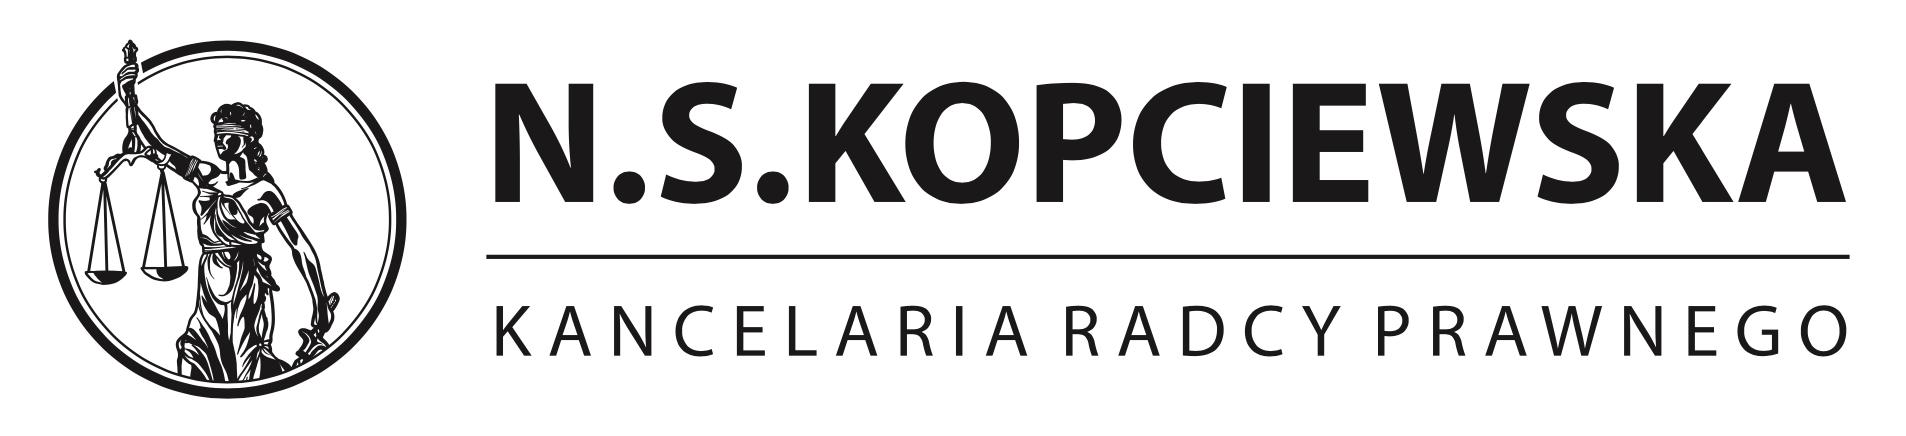 KANCELARIA RADCY PRAWNEGO Natalia Sara Kopciewska